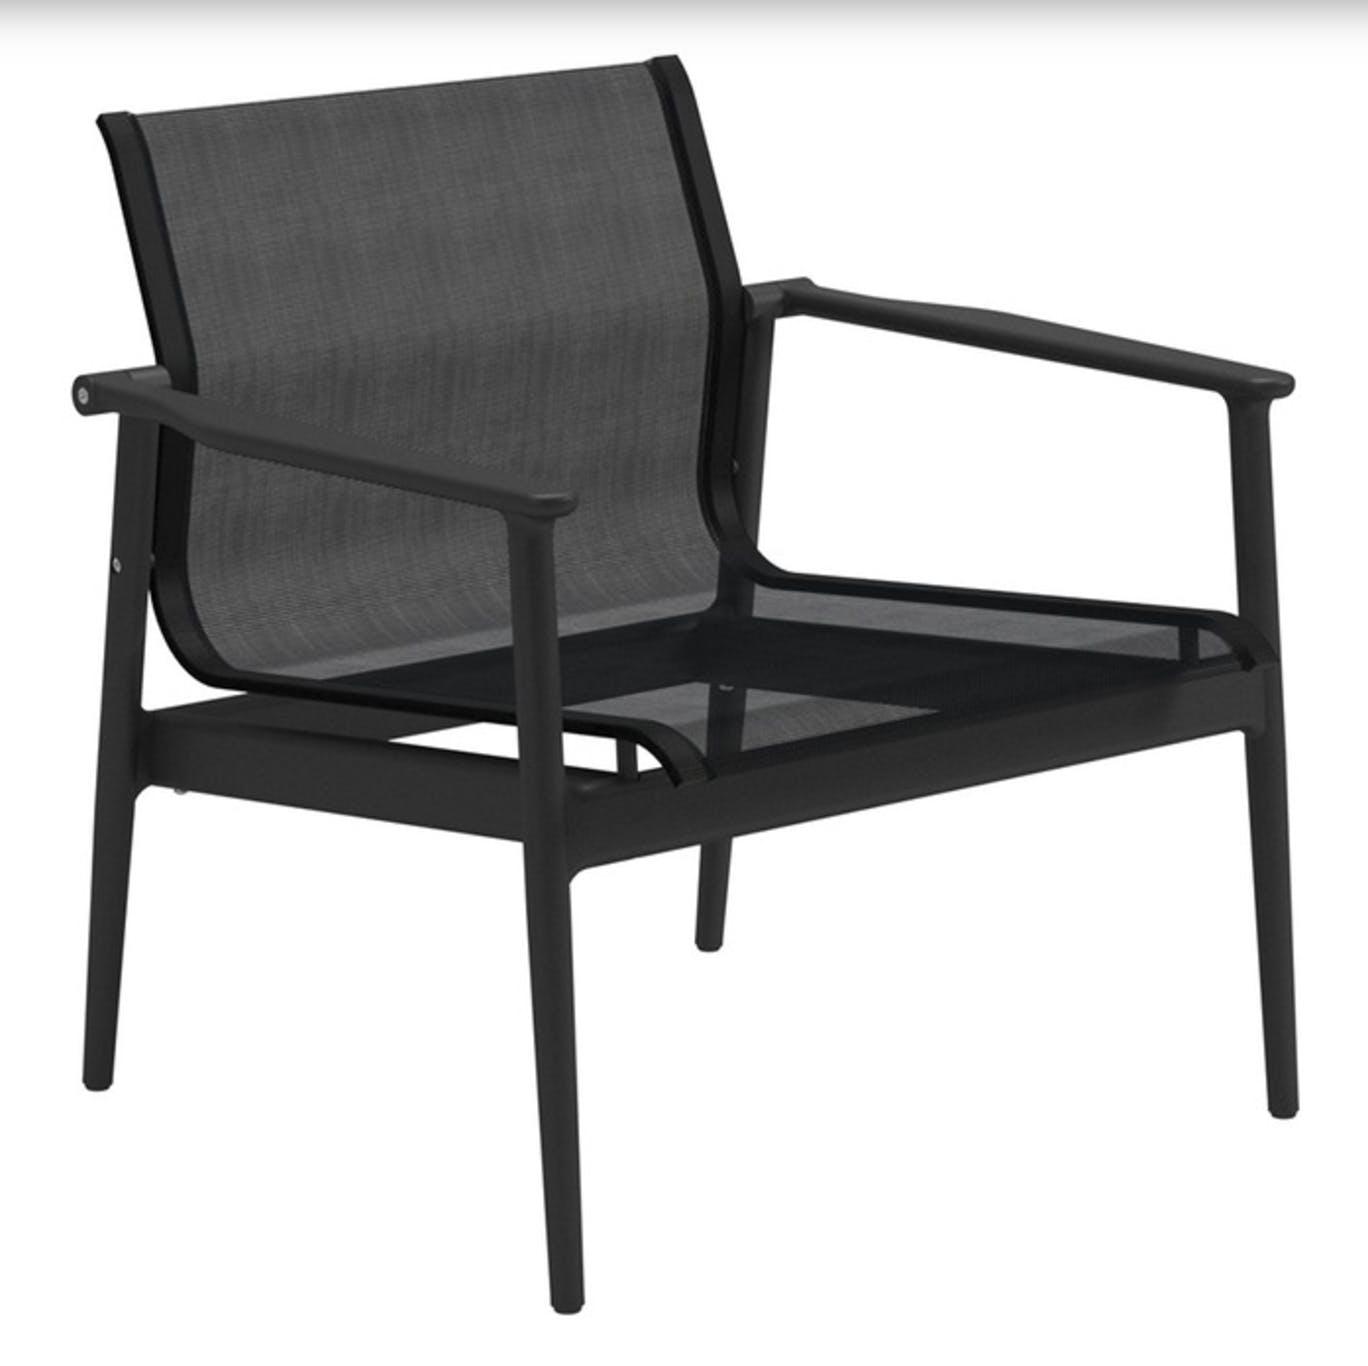 180 Lounge Chair